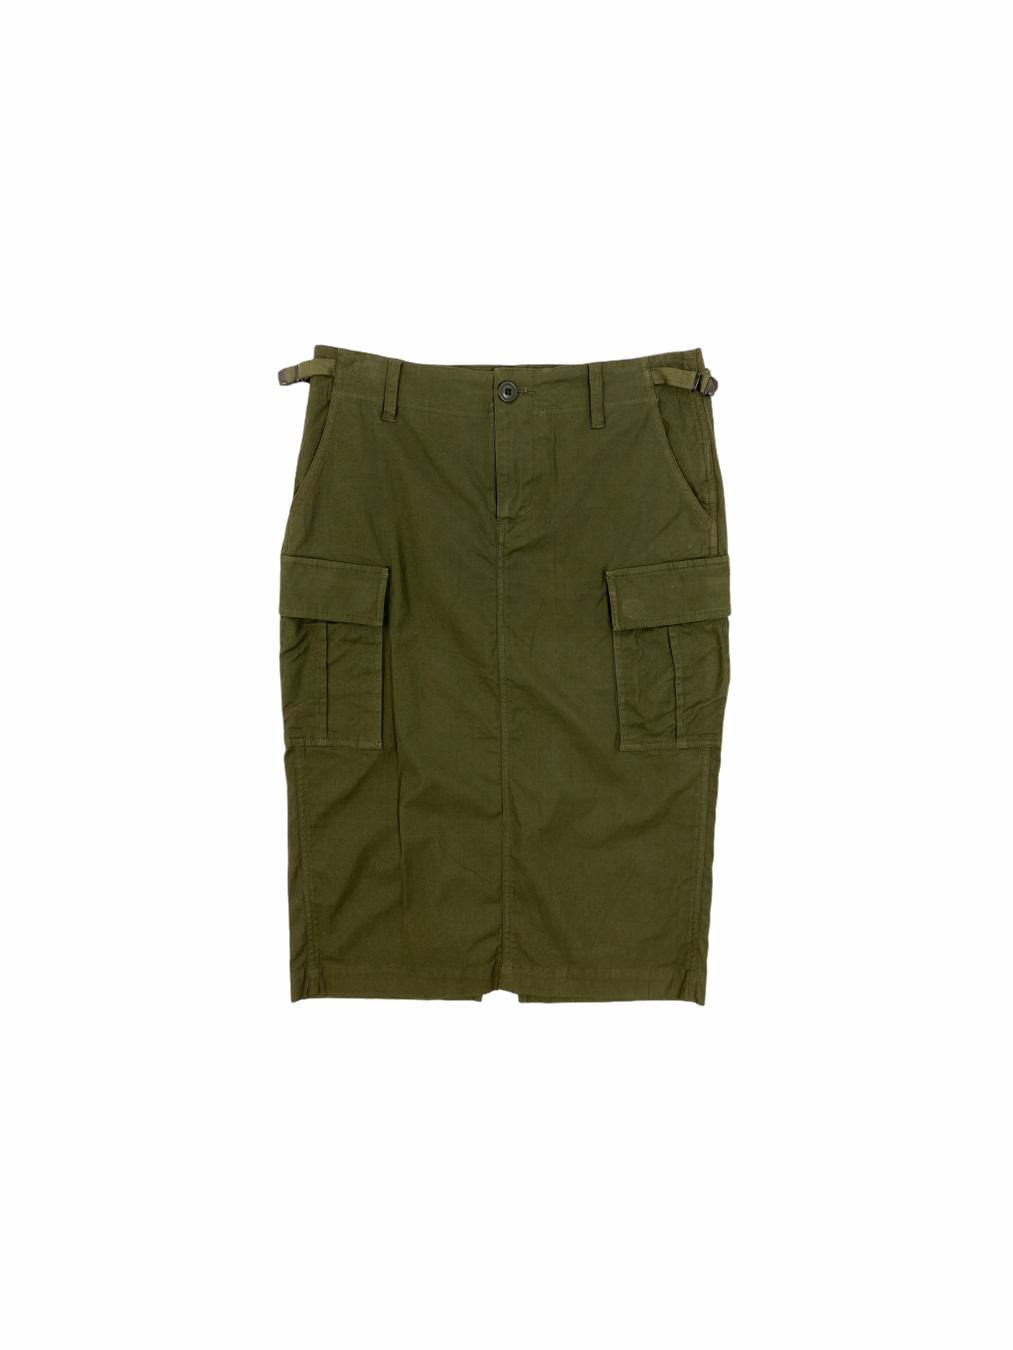 Tanker Military Girt Skirt